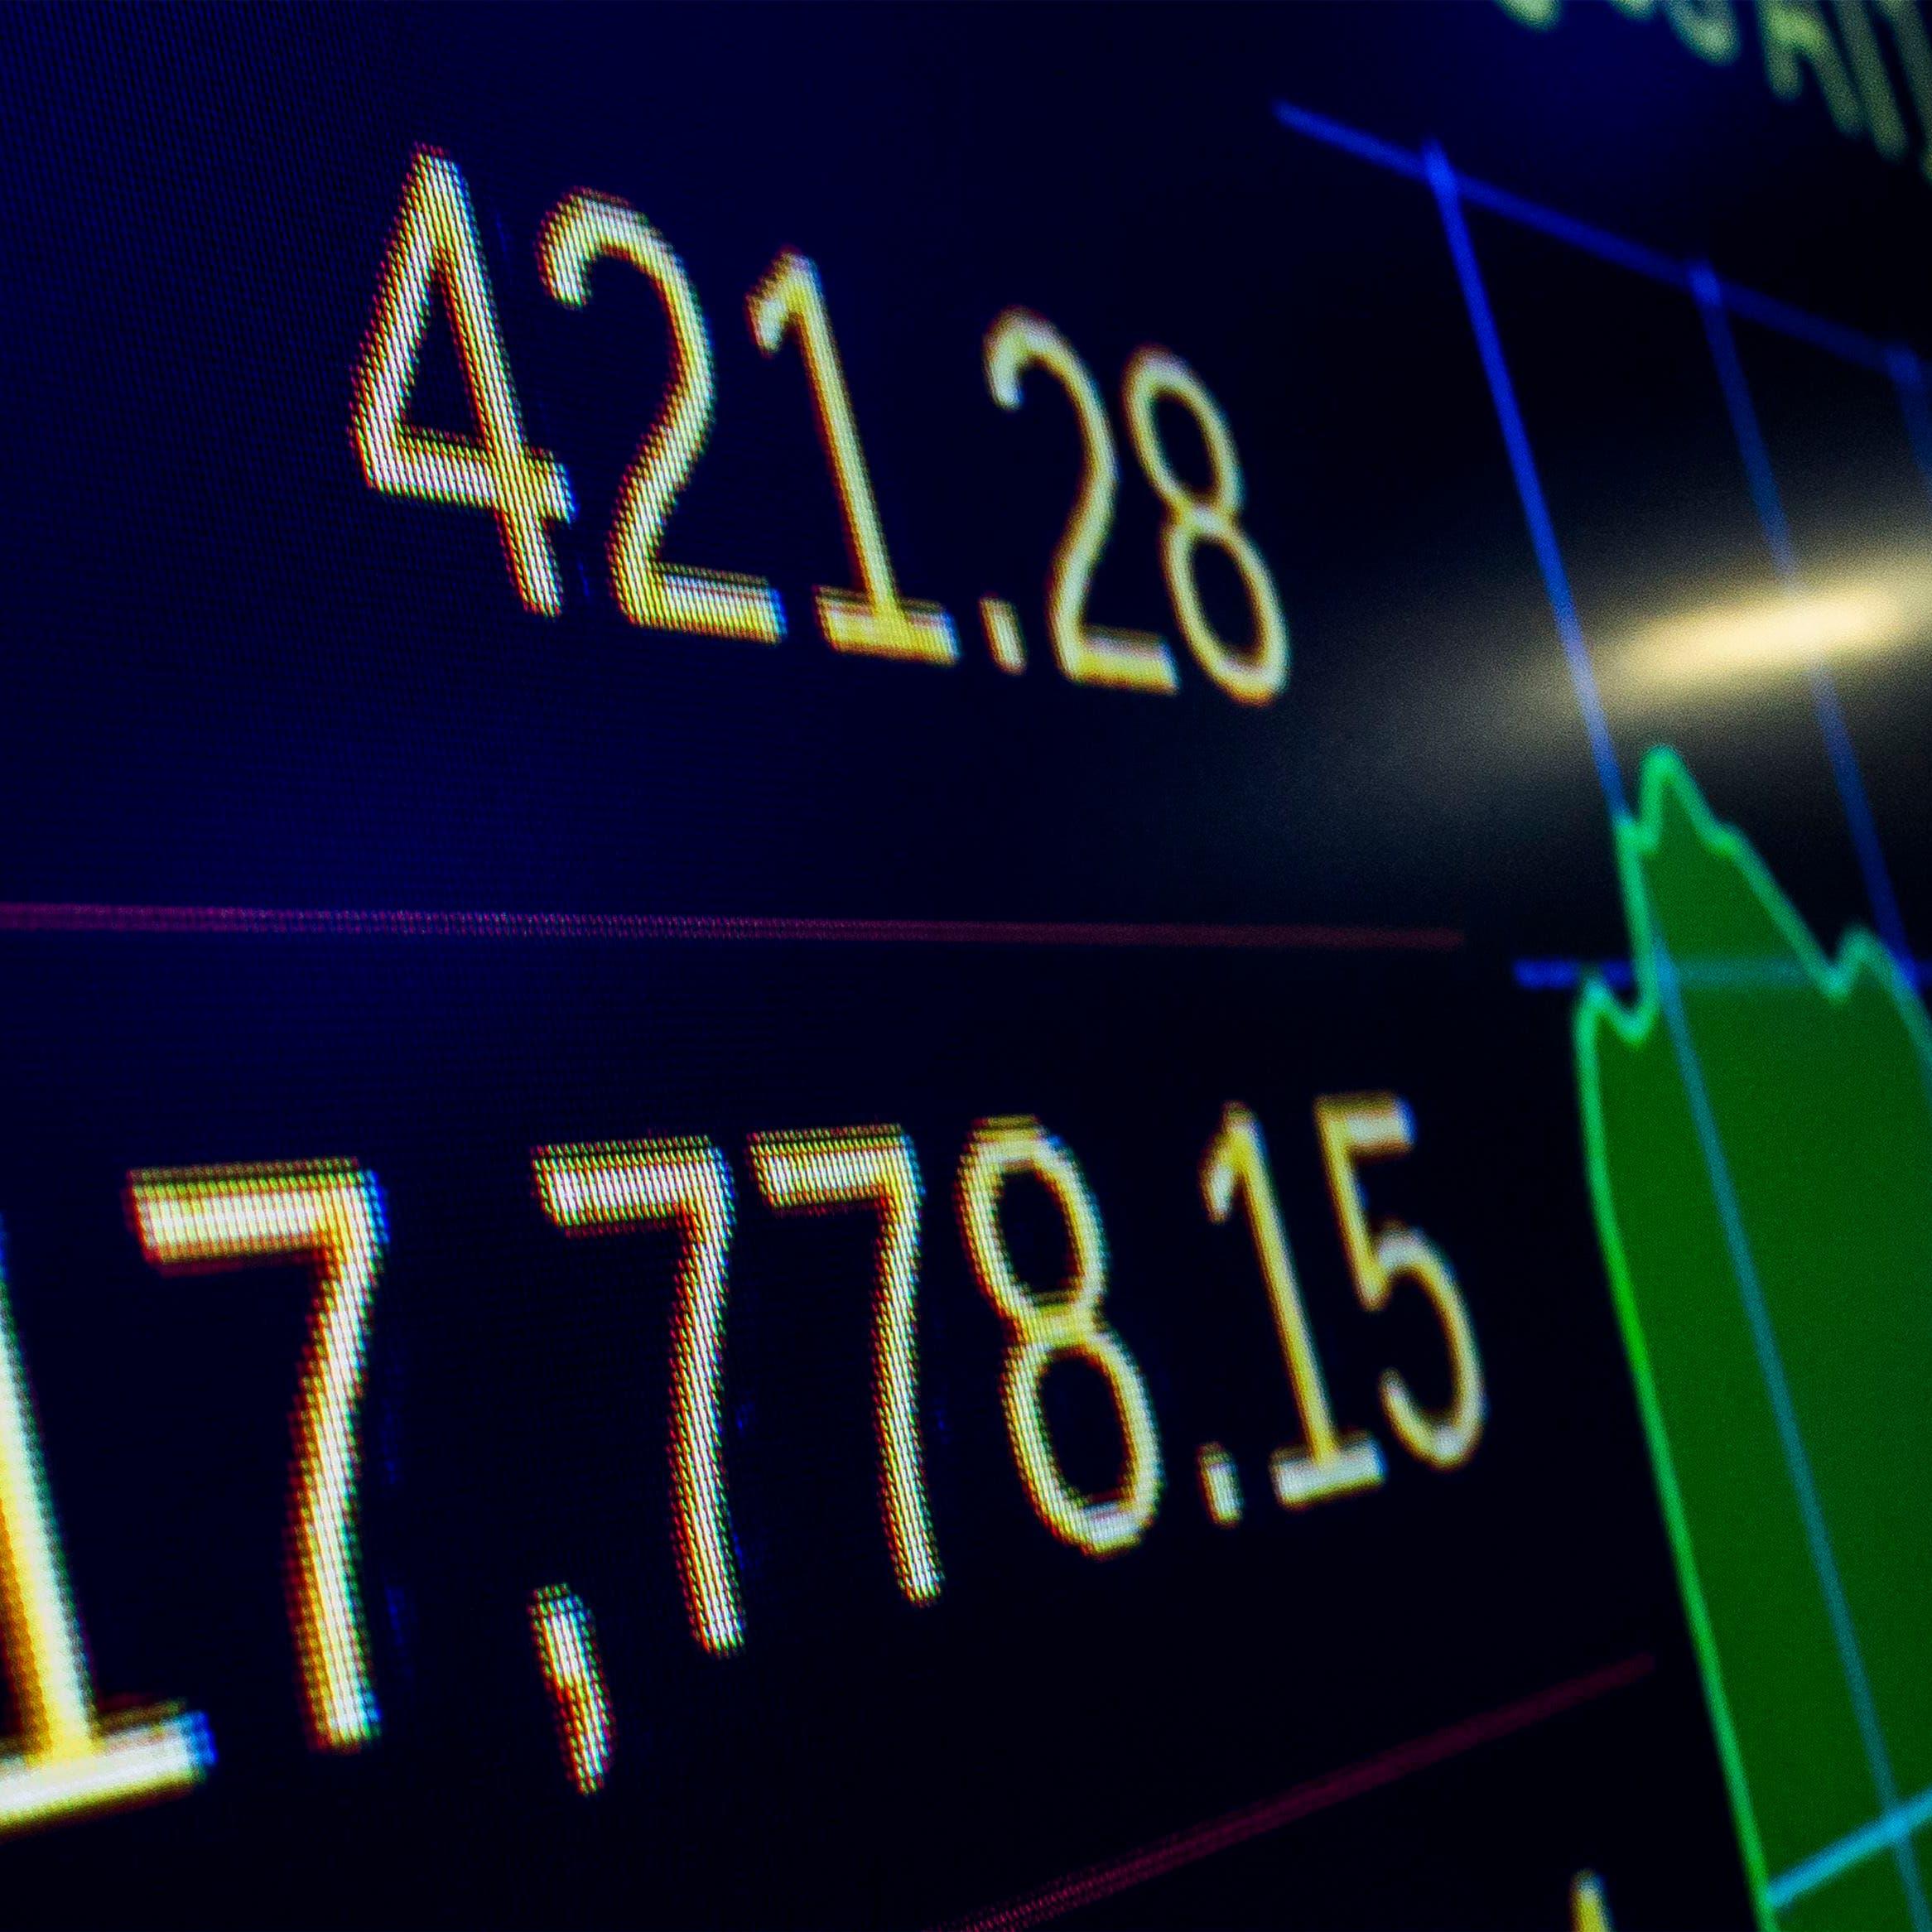 الصناديق العامة السعودية ترفع استثماراتها في أسهم أميركا وأوروبا 79.5%